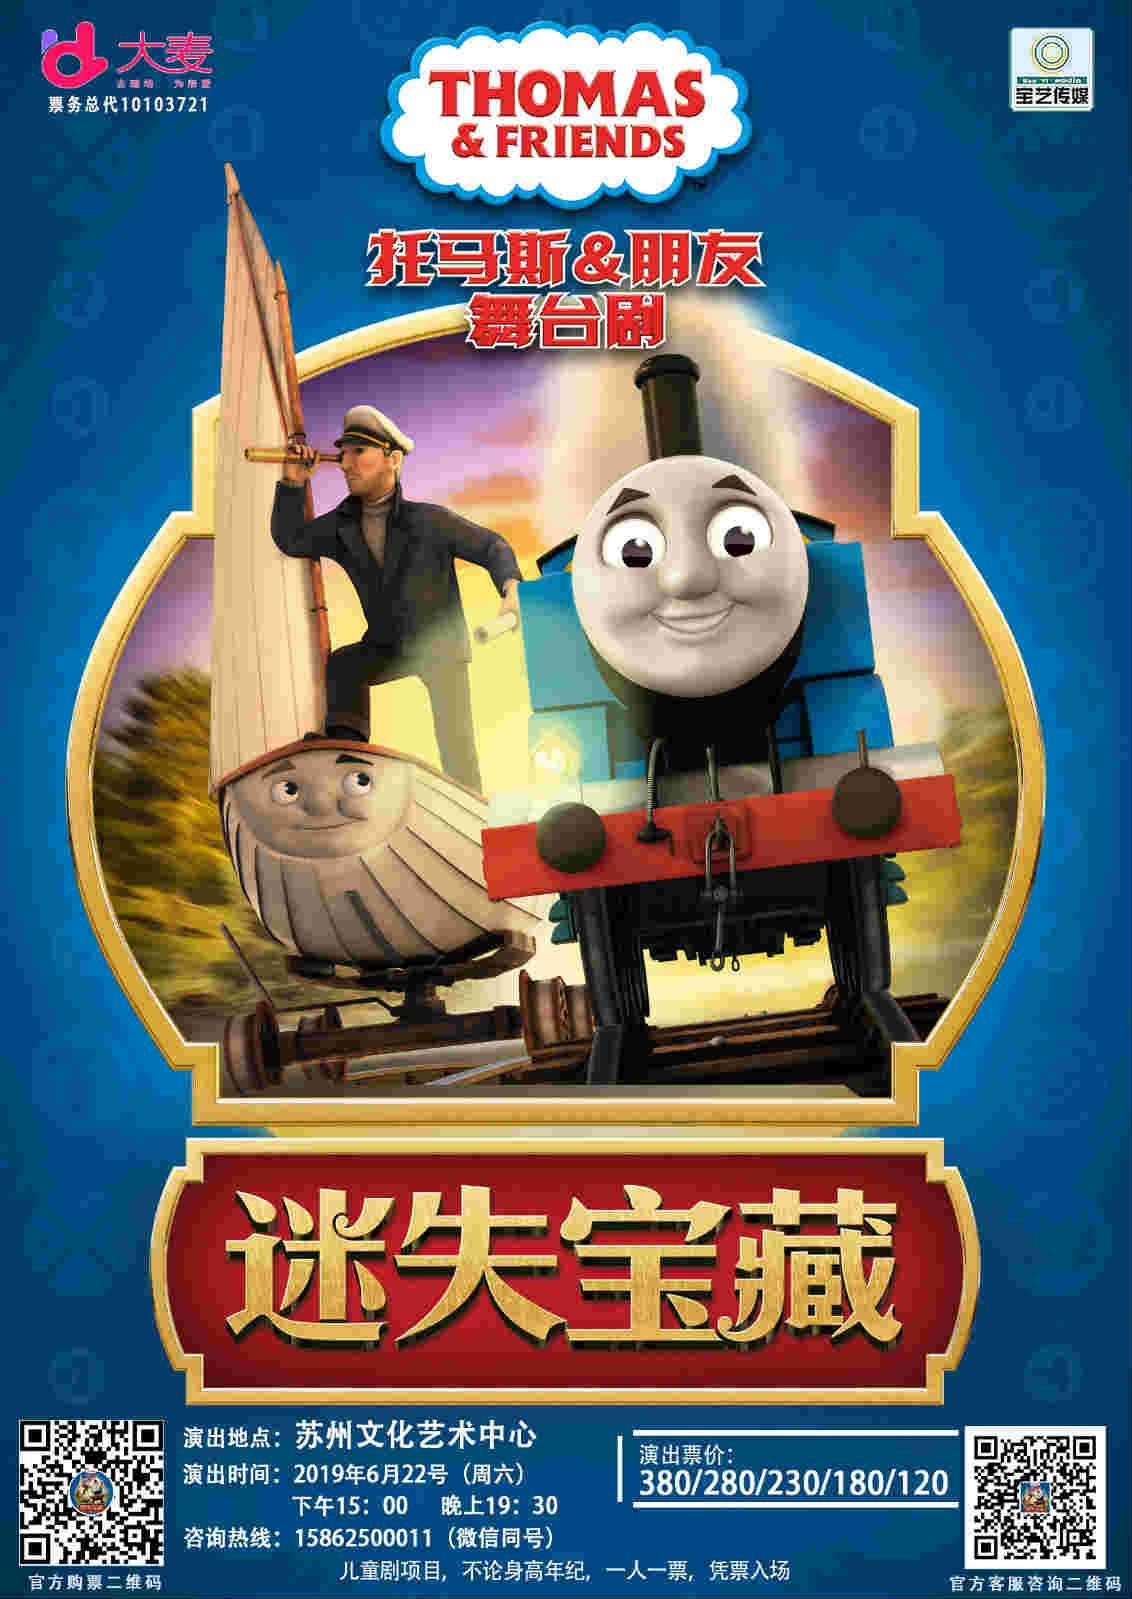 原版巨制大型实景舞台剧《托马斯2 迷失宝藏》